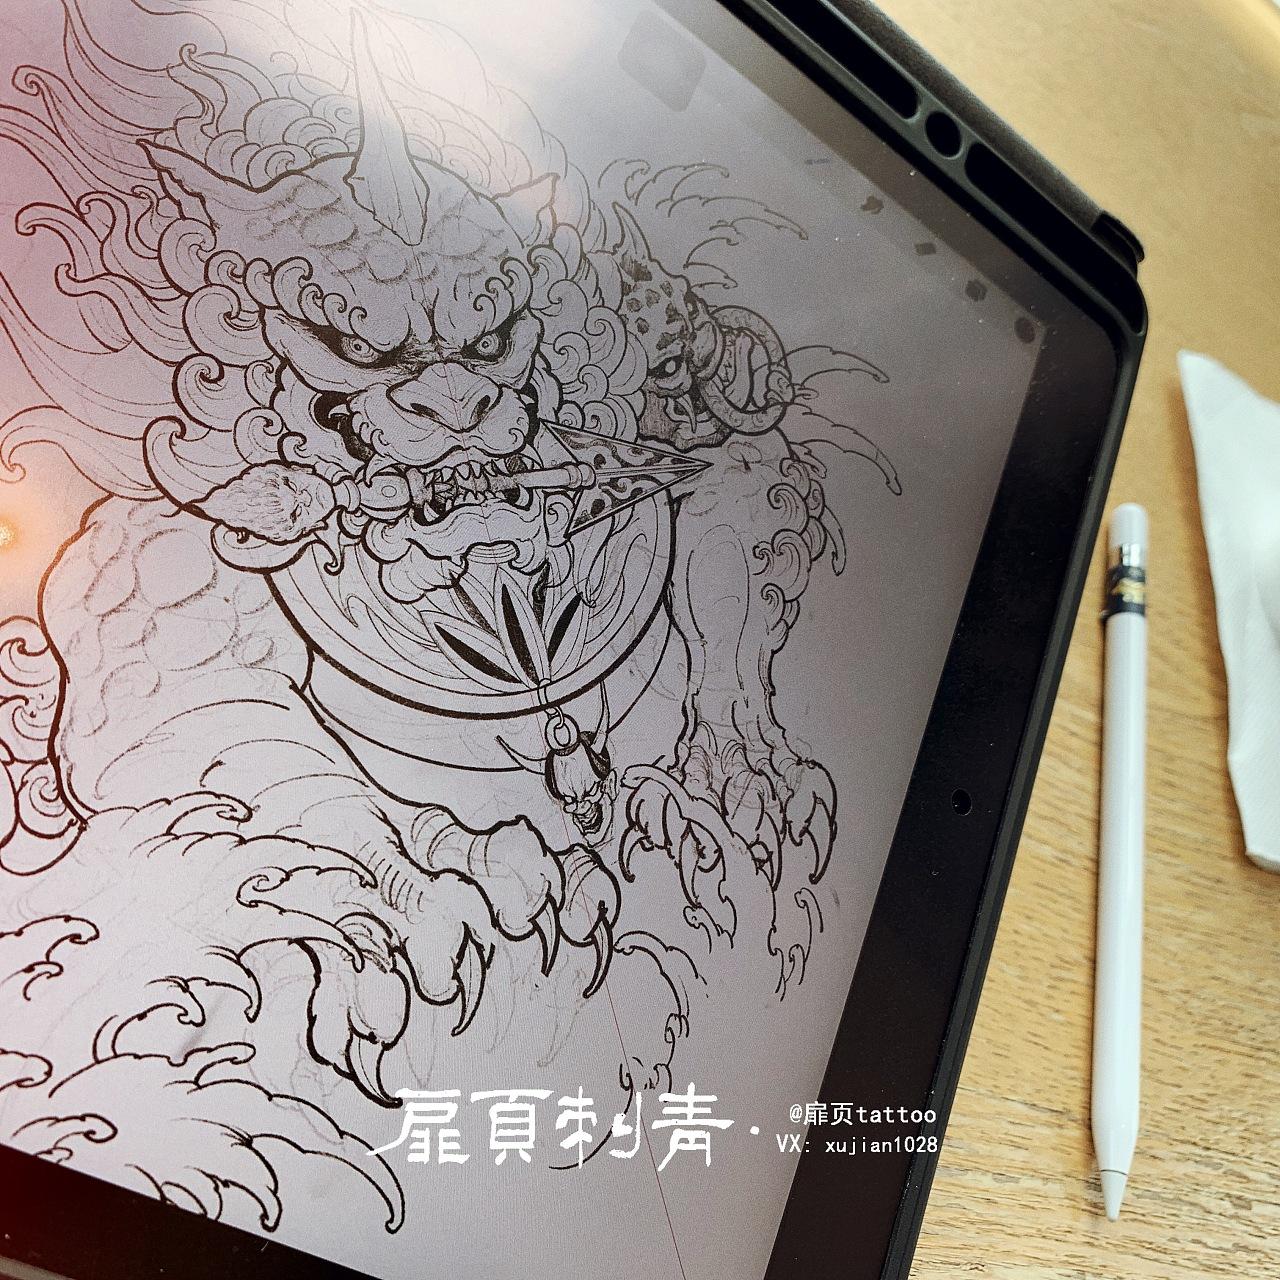 扉页唐狮纹身过程